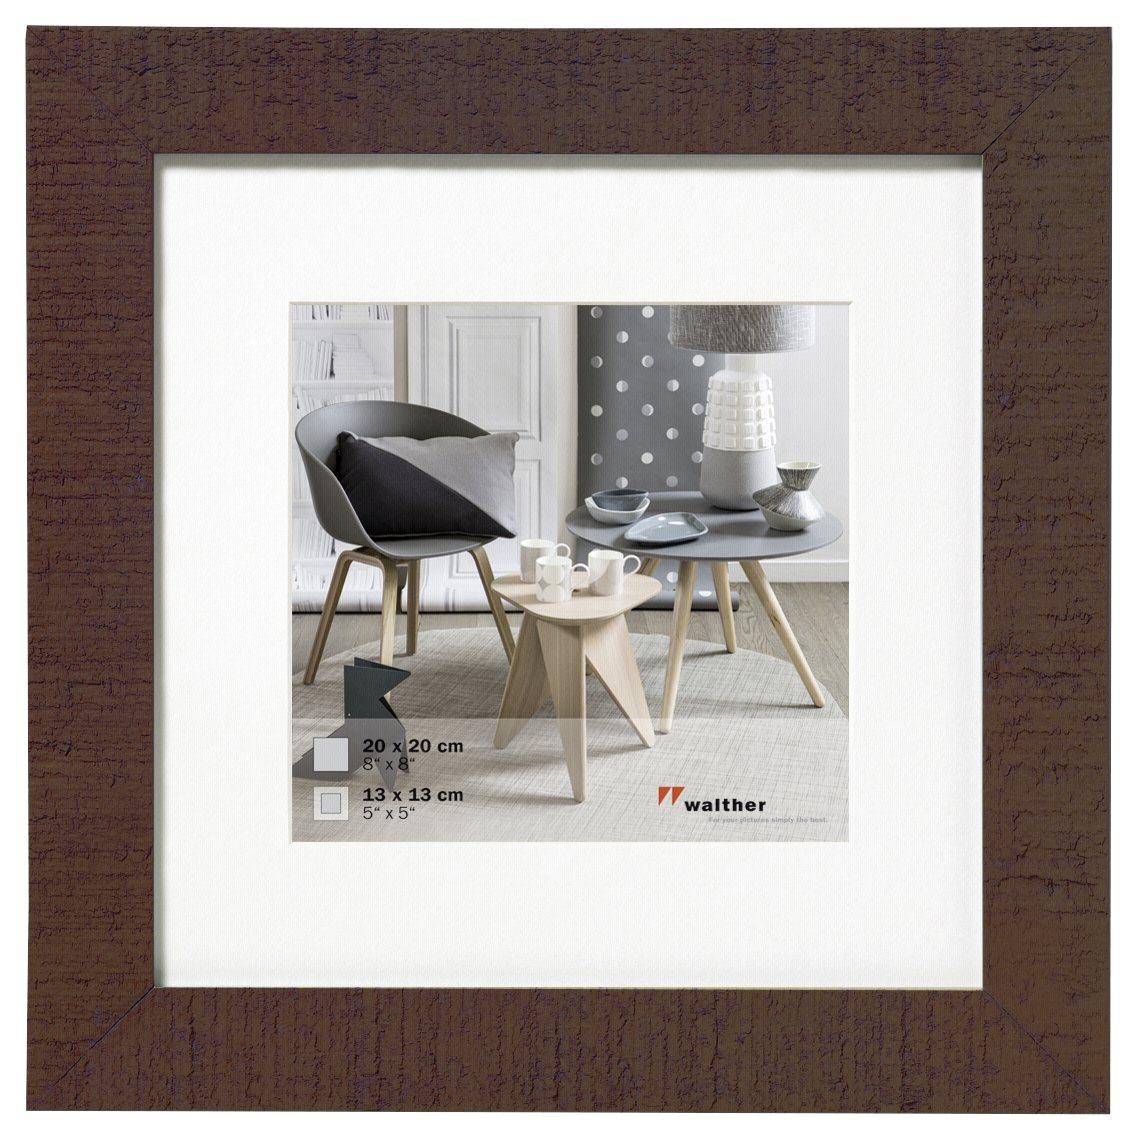 steingrau-glaenzendes-papier-auf-mm-spanholz Rahmen online kaufen ...